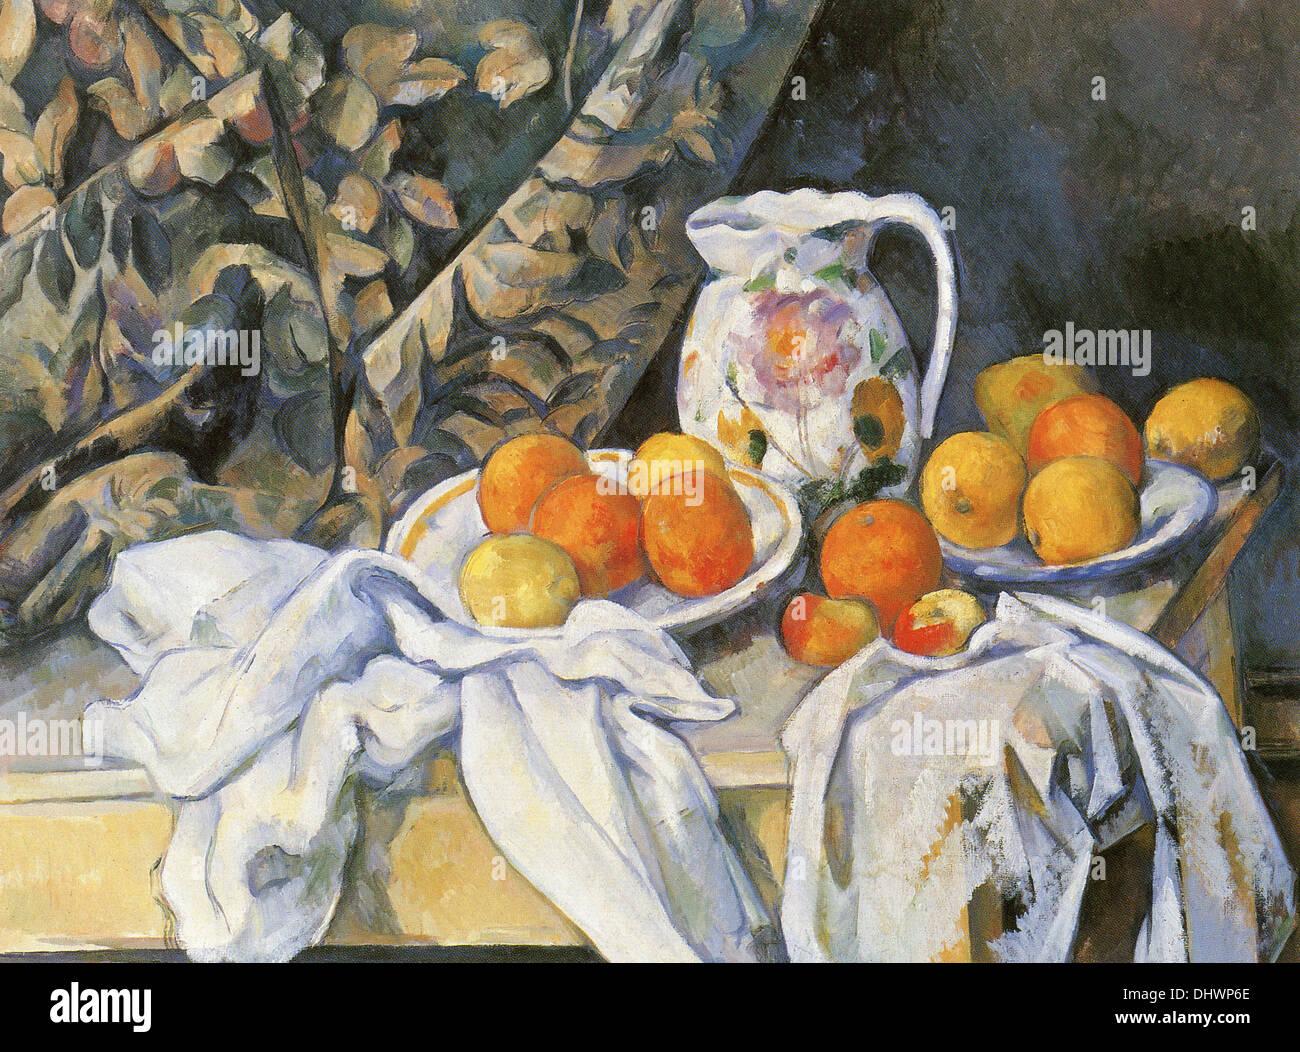 La vie toujours avec des tentures - par Paul Cezanne, 1895 Photo Stock